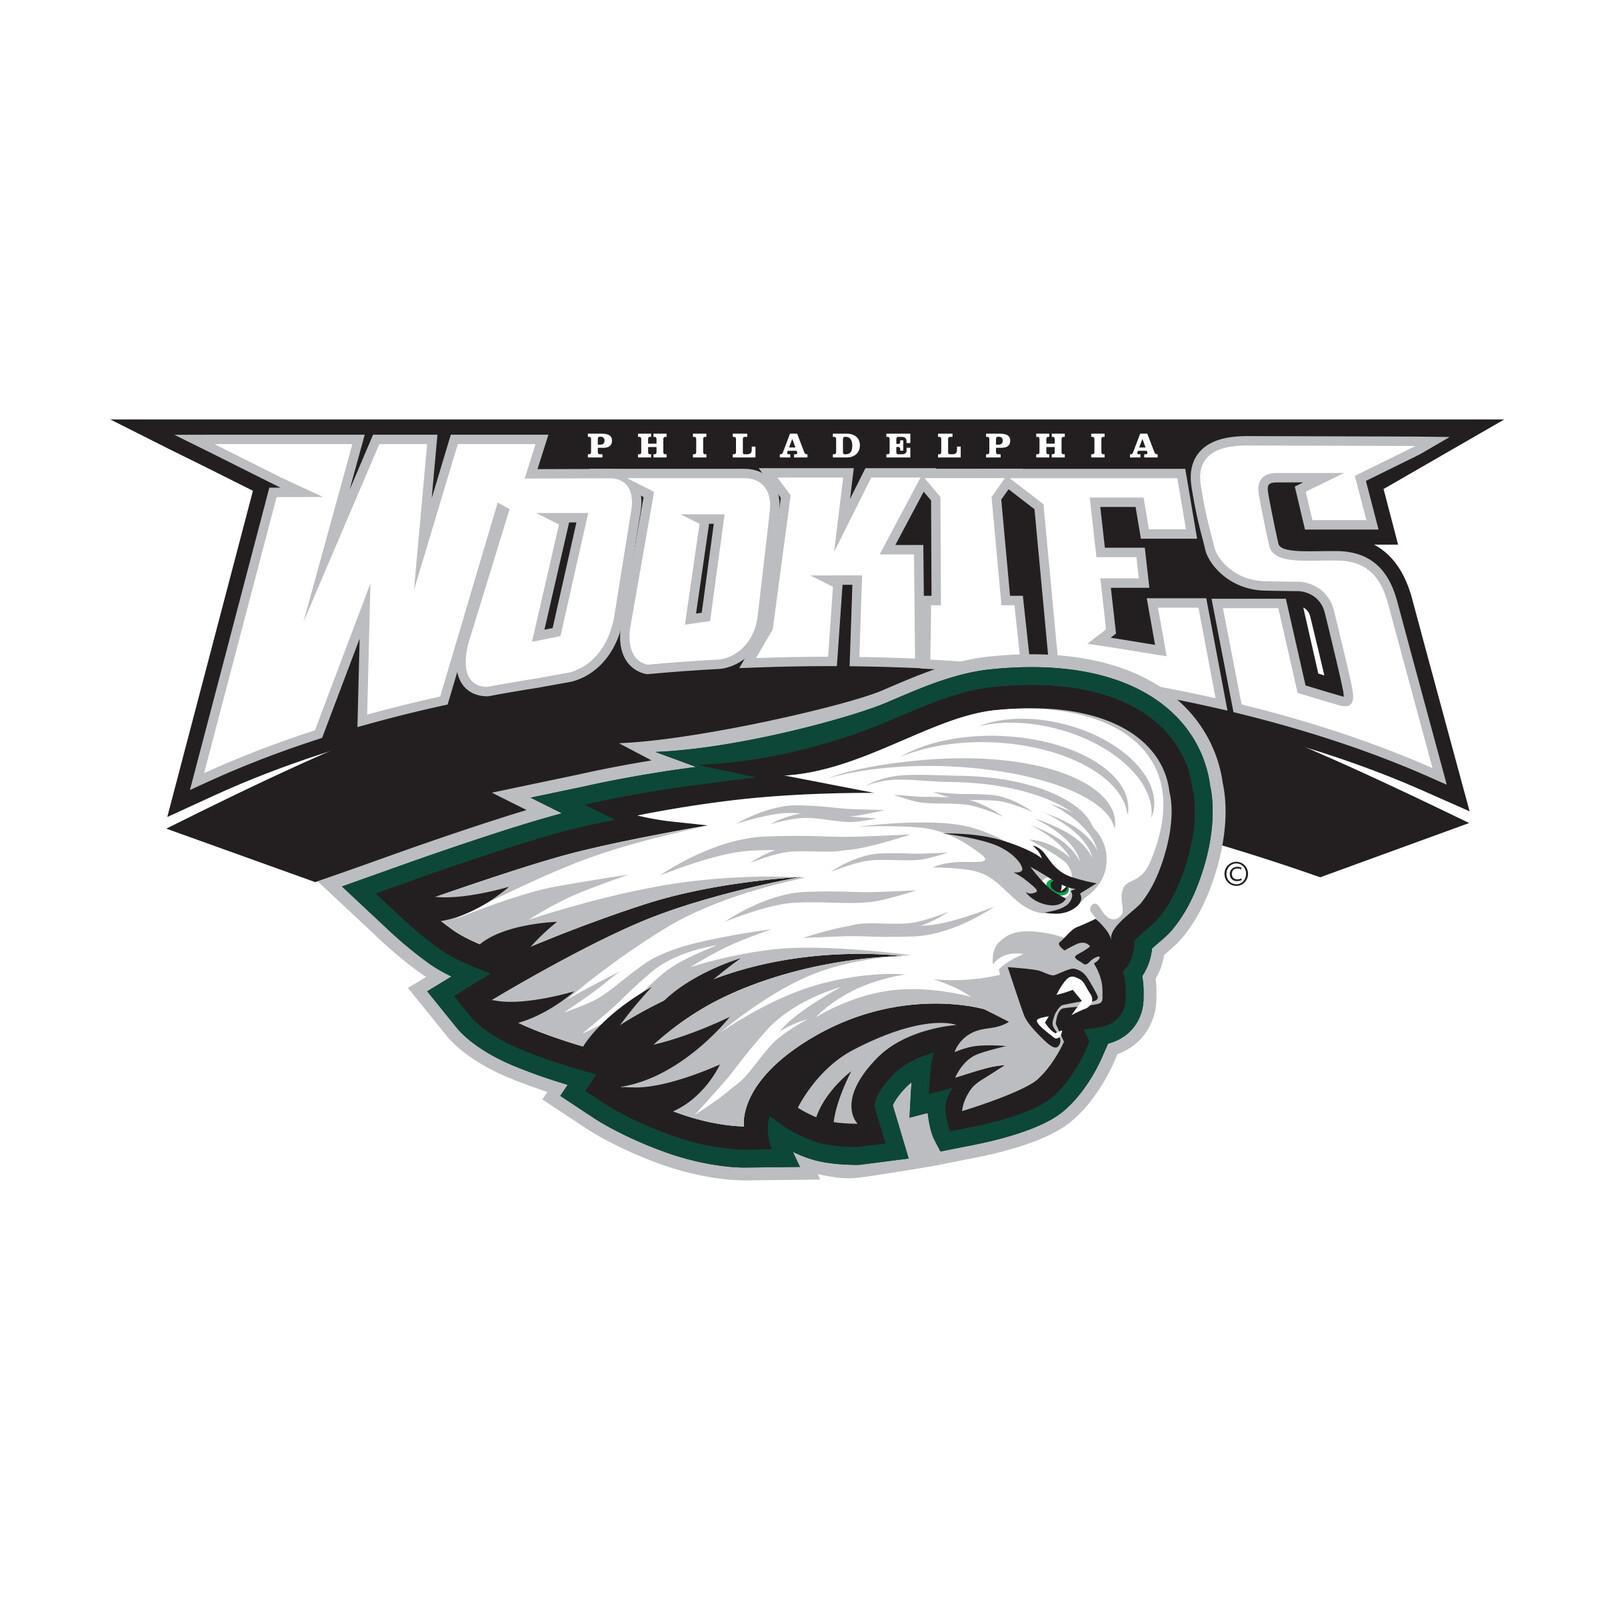 Philadelphia Wookies